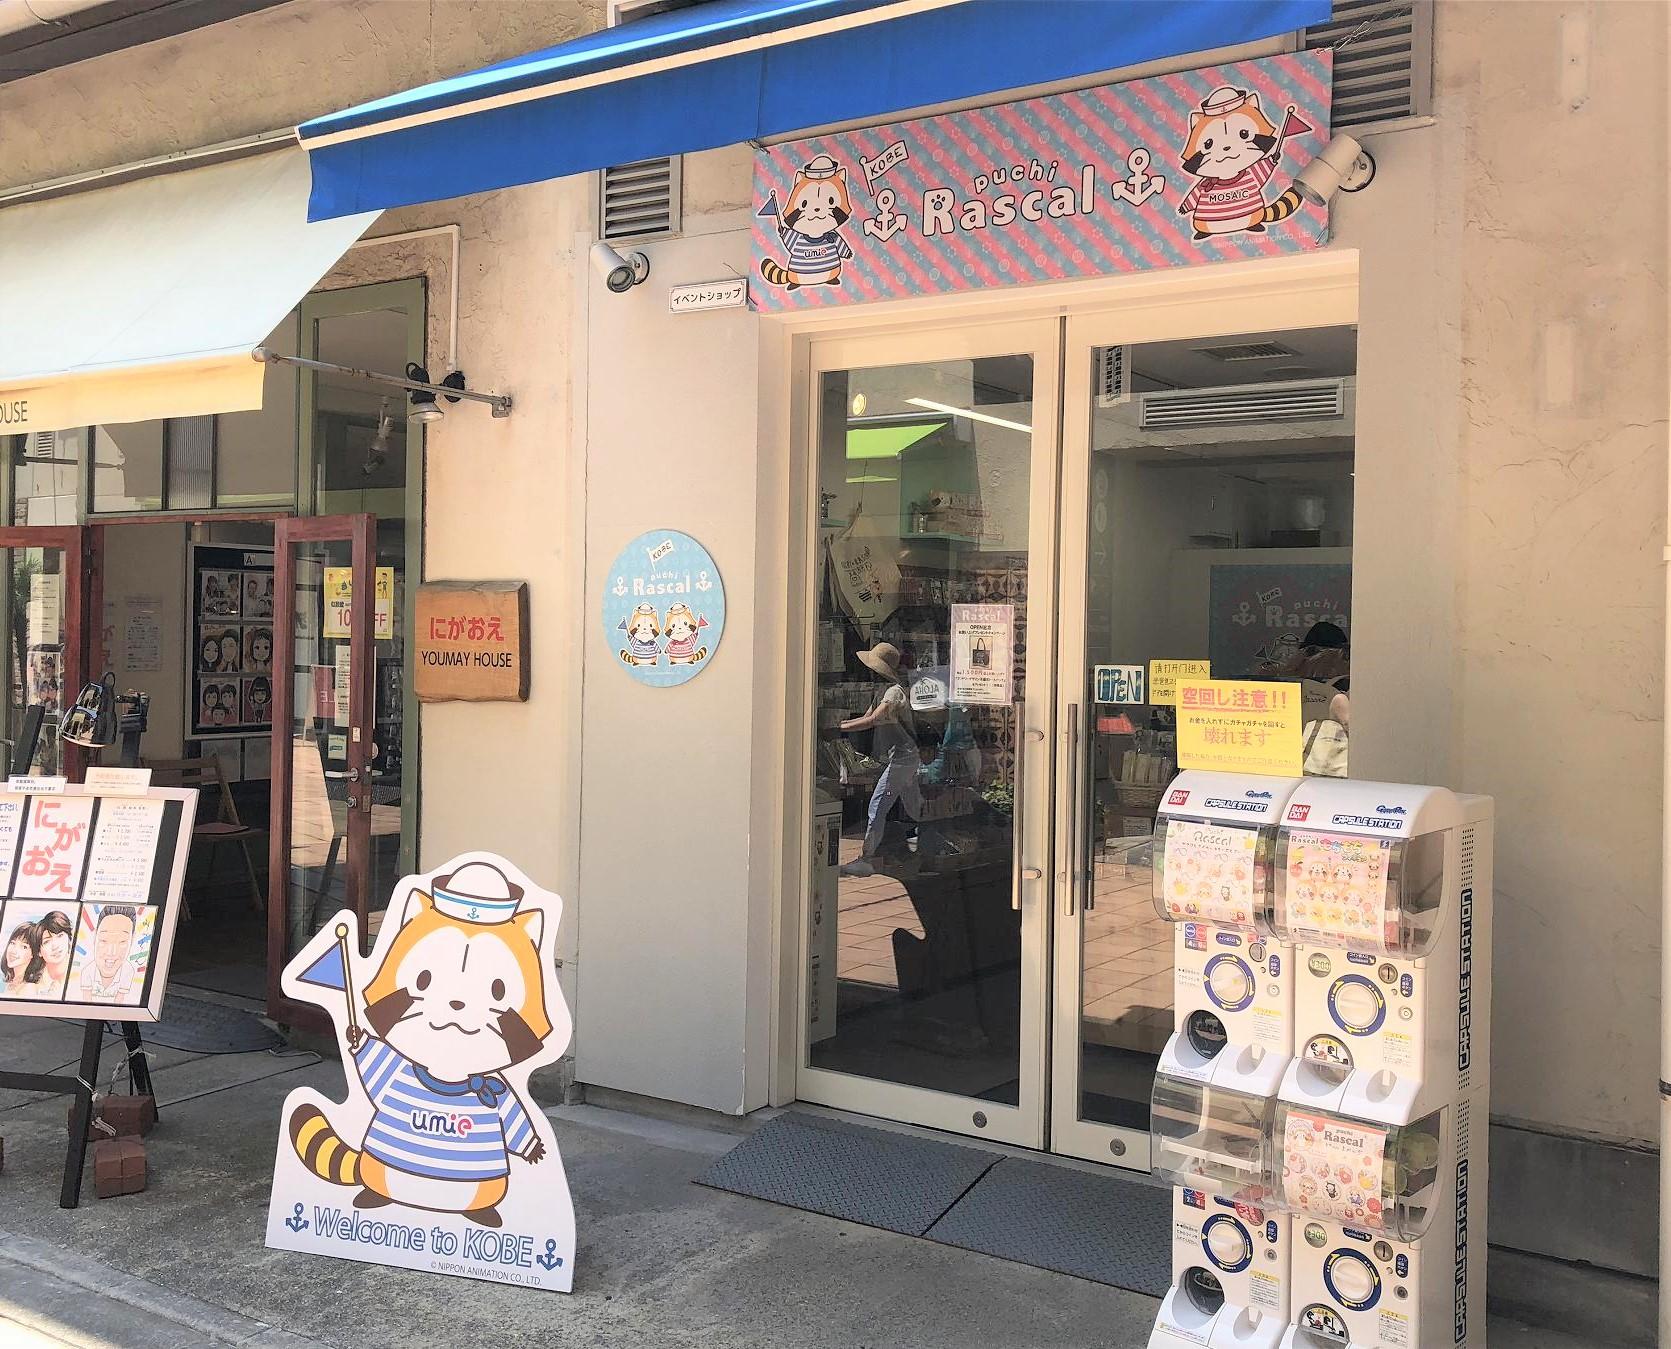 神戸ハーバーランドumieで、期間限定の「ラスカルショップ」が7/4~9/30まで開催されるよ! #ラスカルショップ #あらいぐまラスカル #神戸ハーバーランド